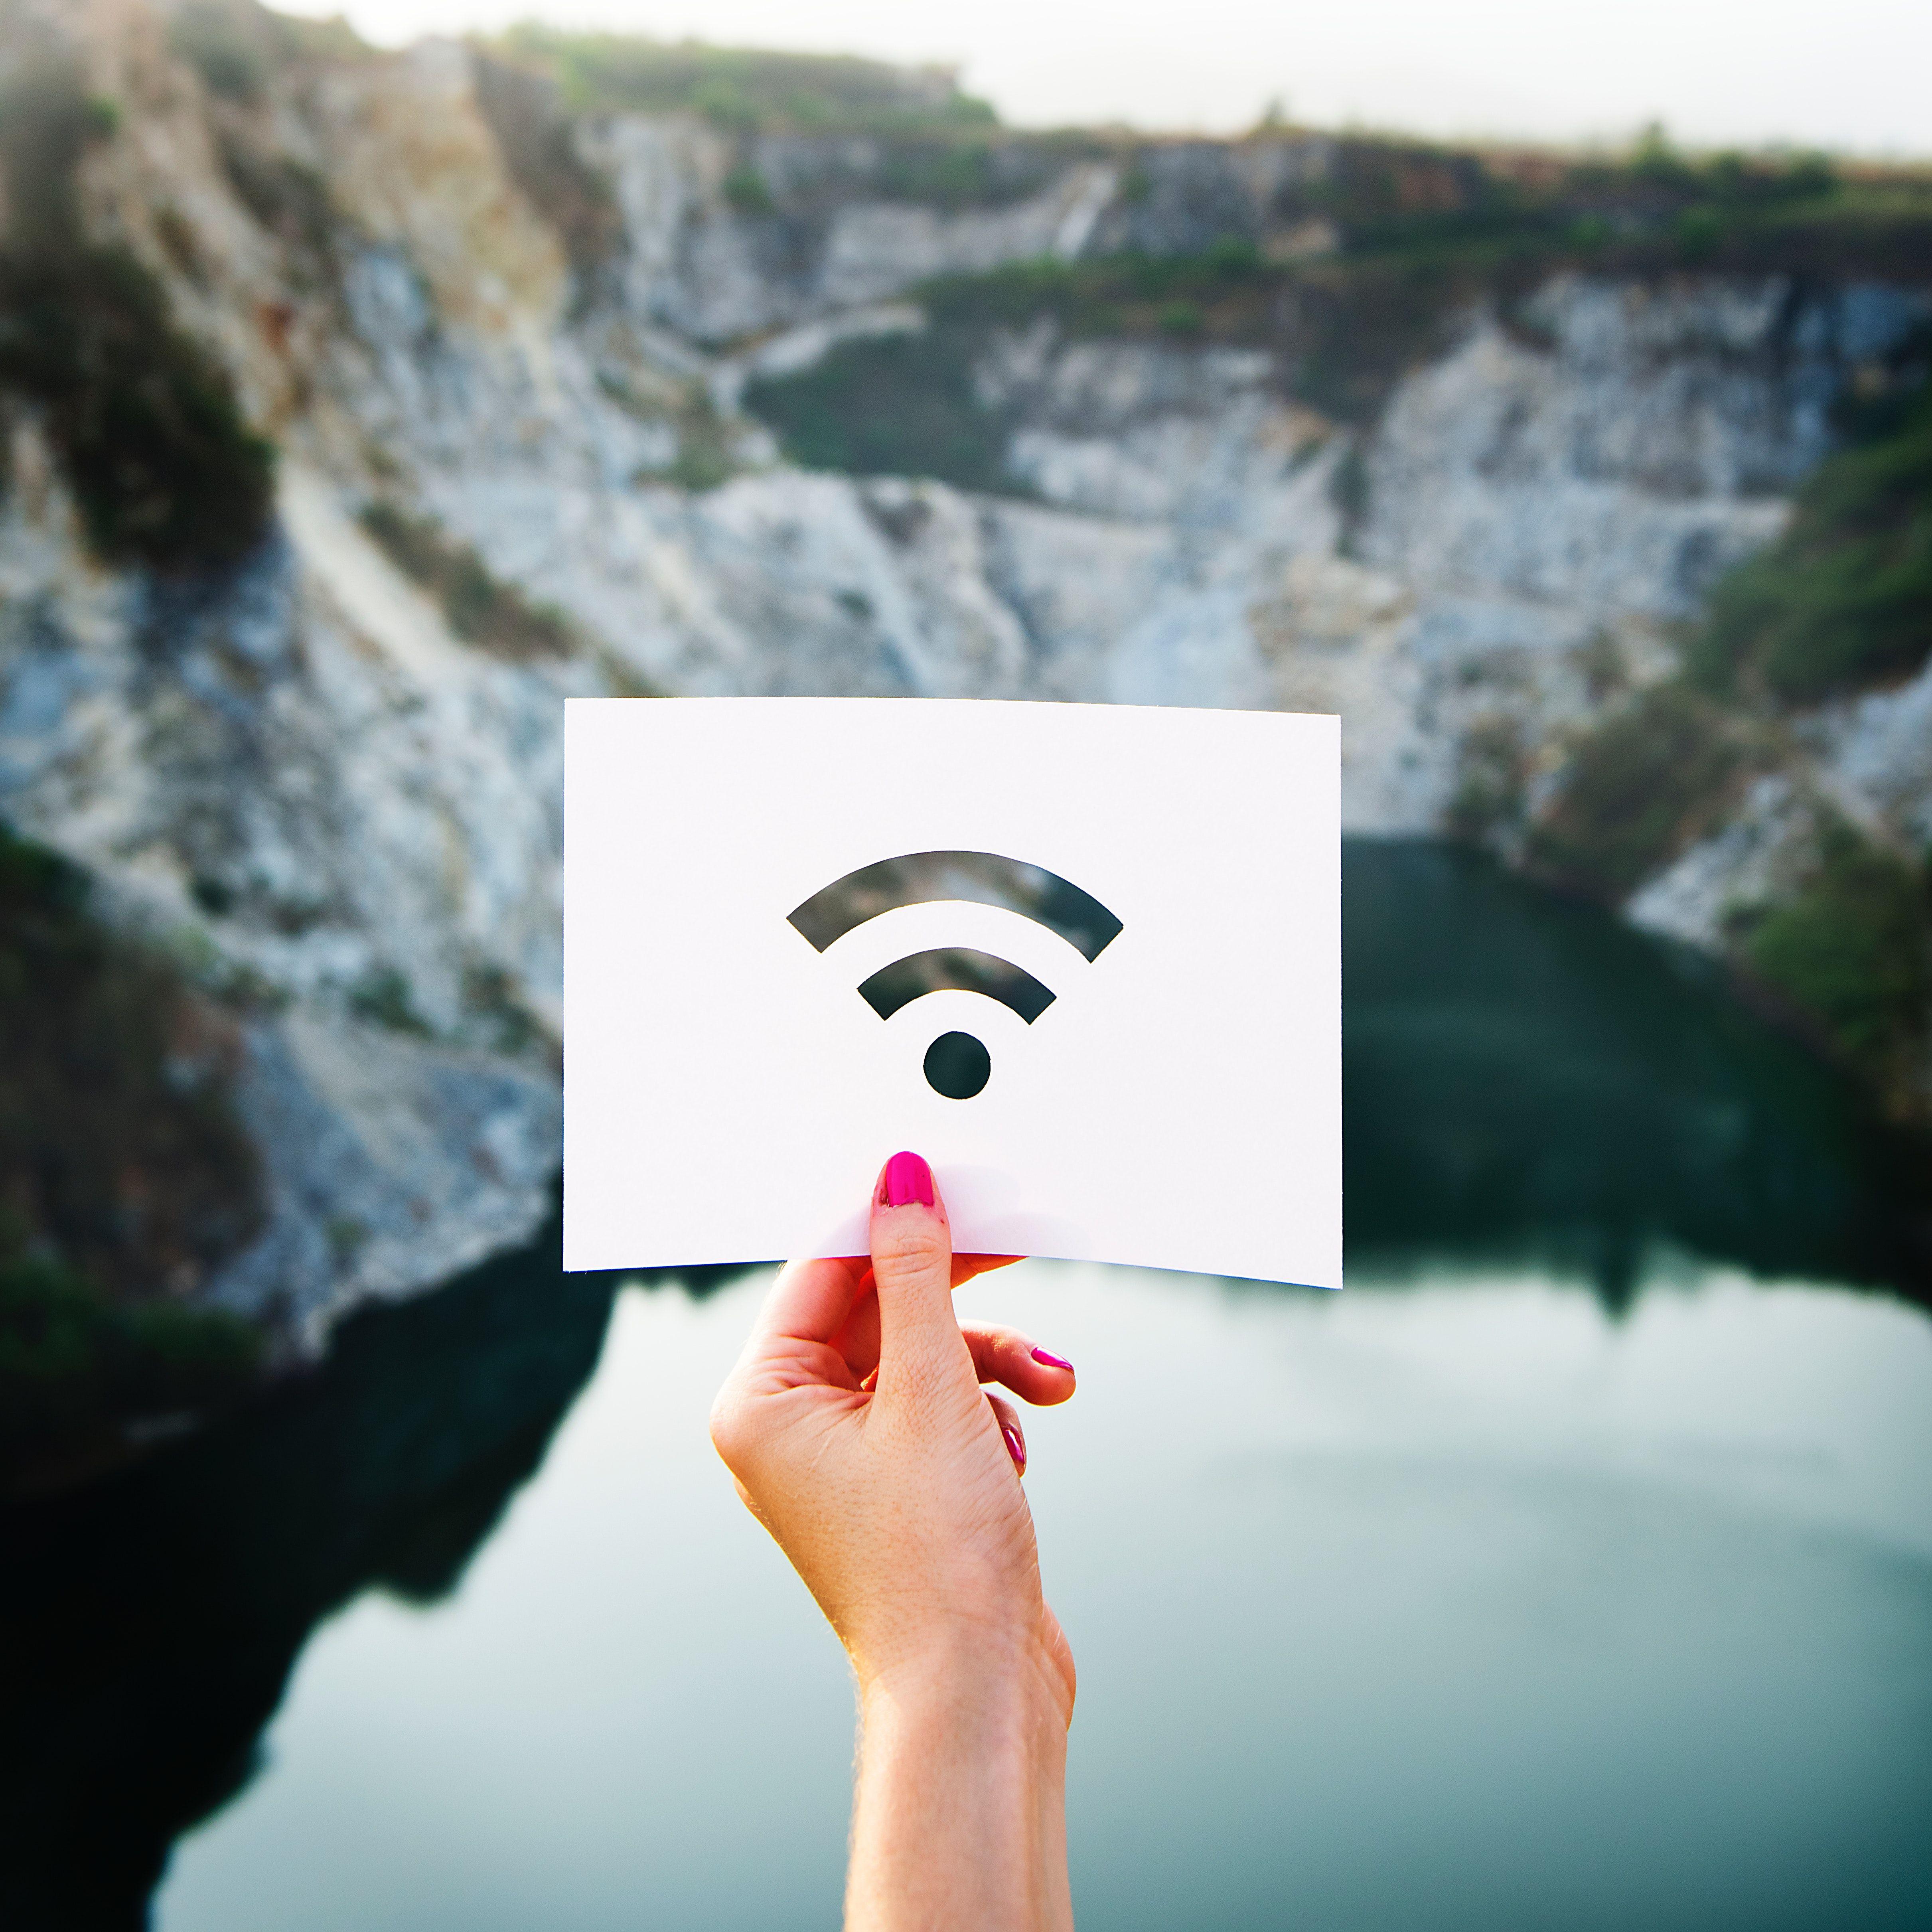 Quattro cose che non sapevi sulla net neutrality: le ragioni a favore dell'abolizione